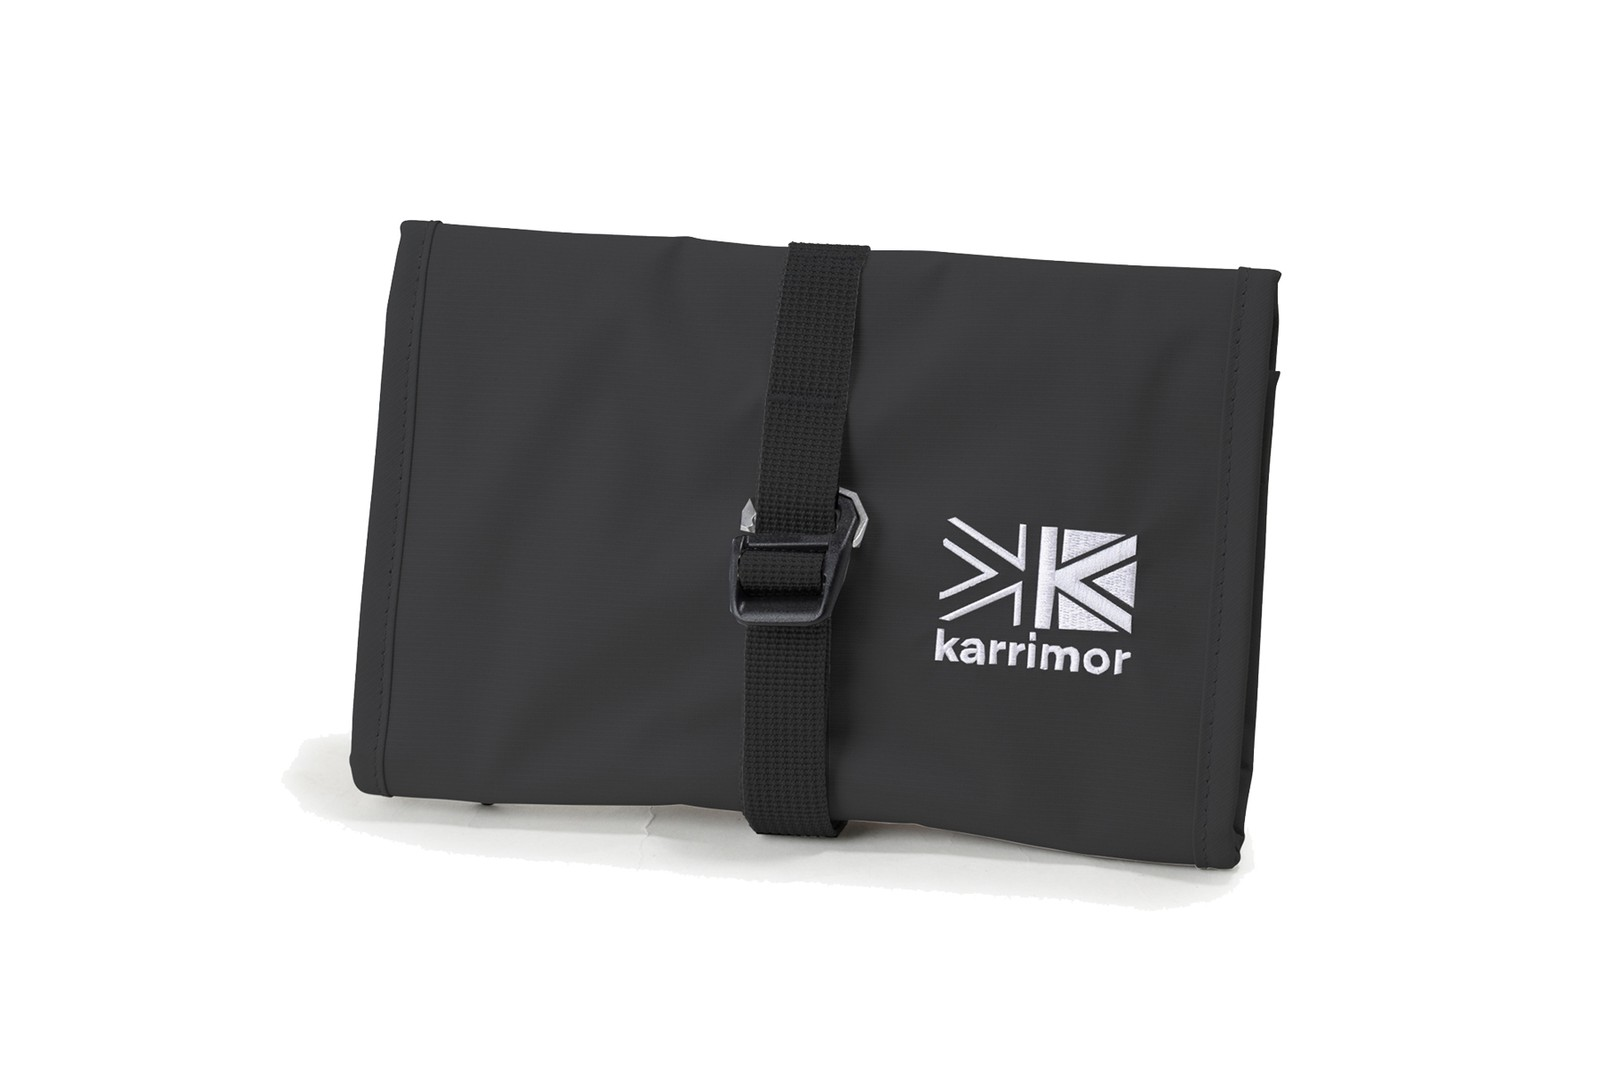 カリマー karrimor トラベルカルチャー トランジット TRANSIT コラボ 共同開発 トラベルコレクション 登場 habitat series